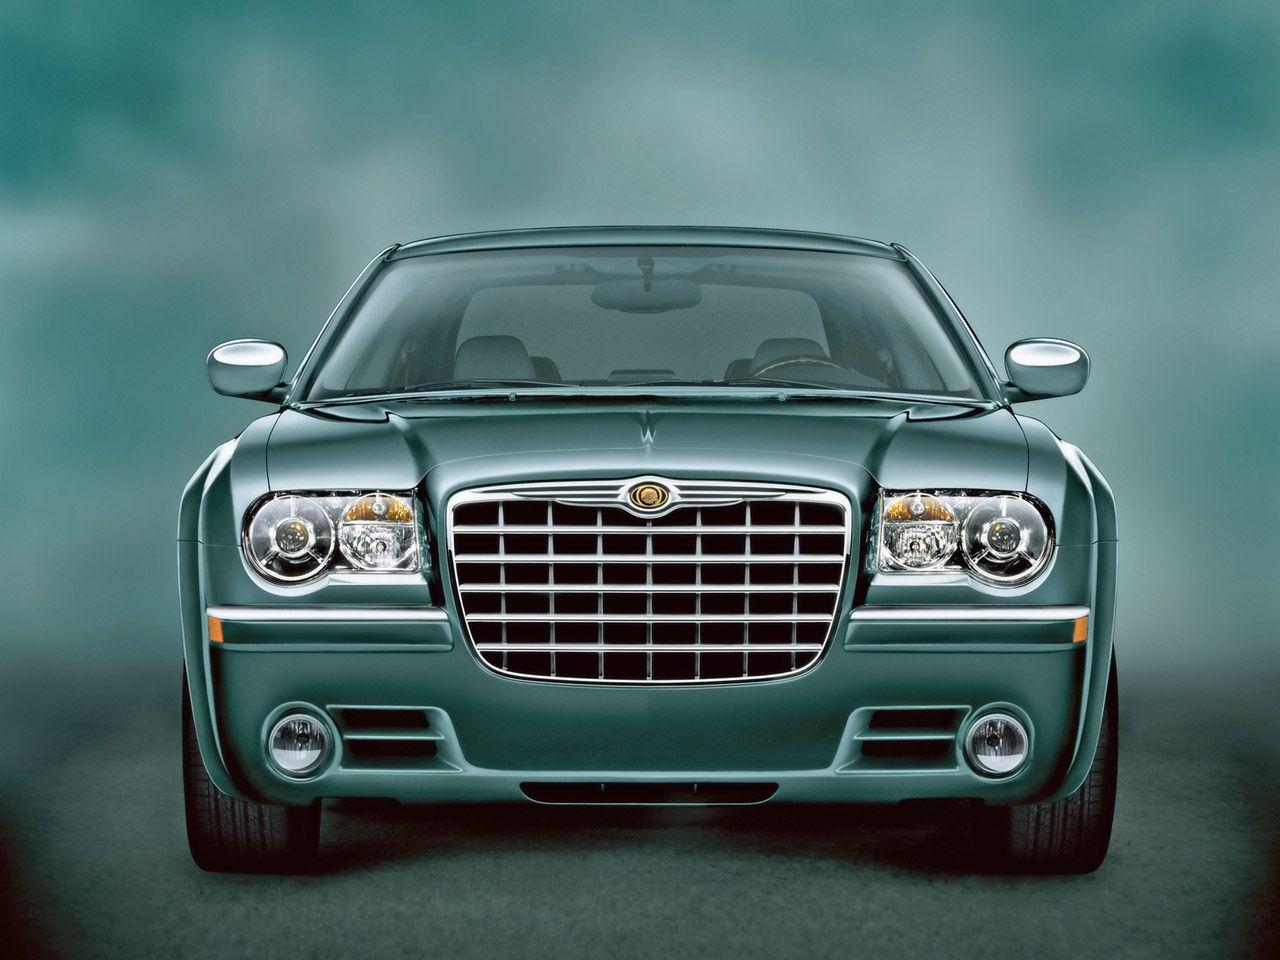 Car Wallpaper Chrysler 300